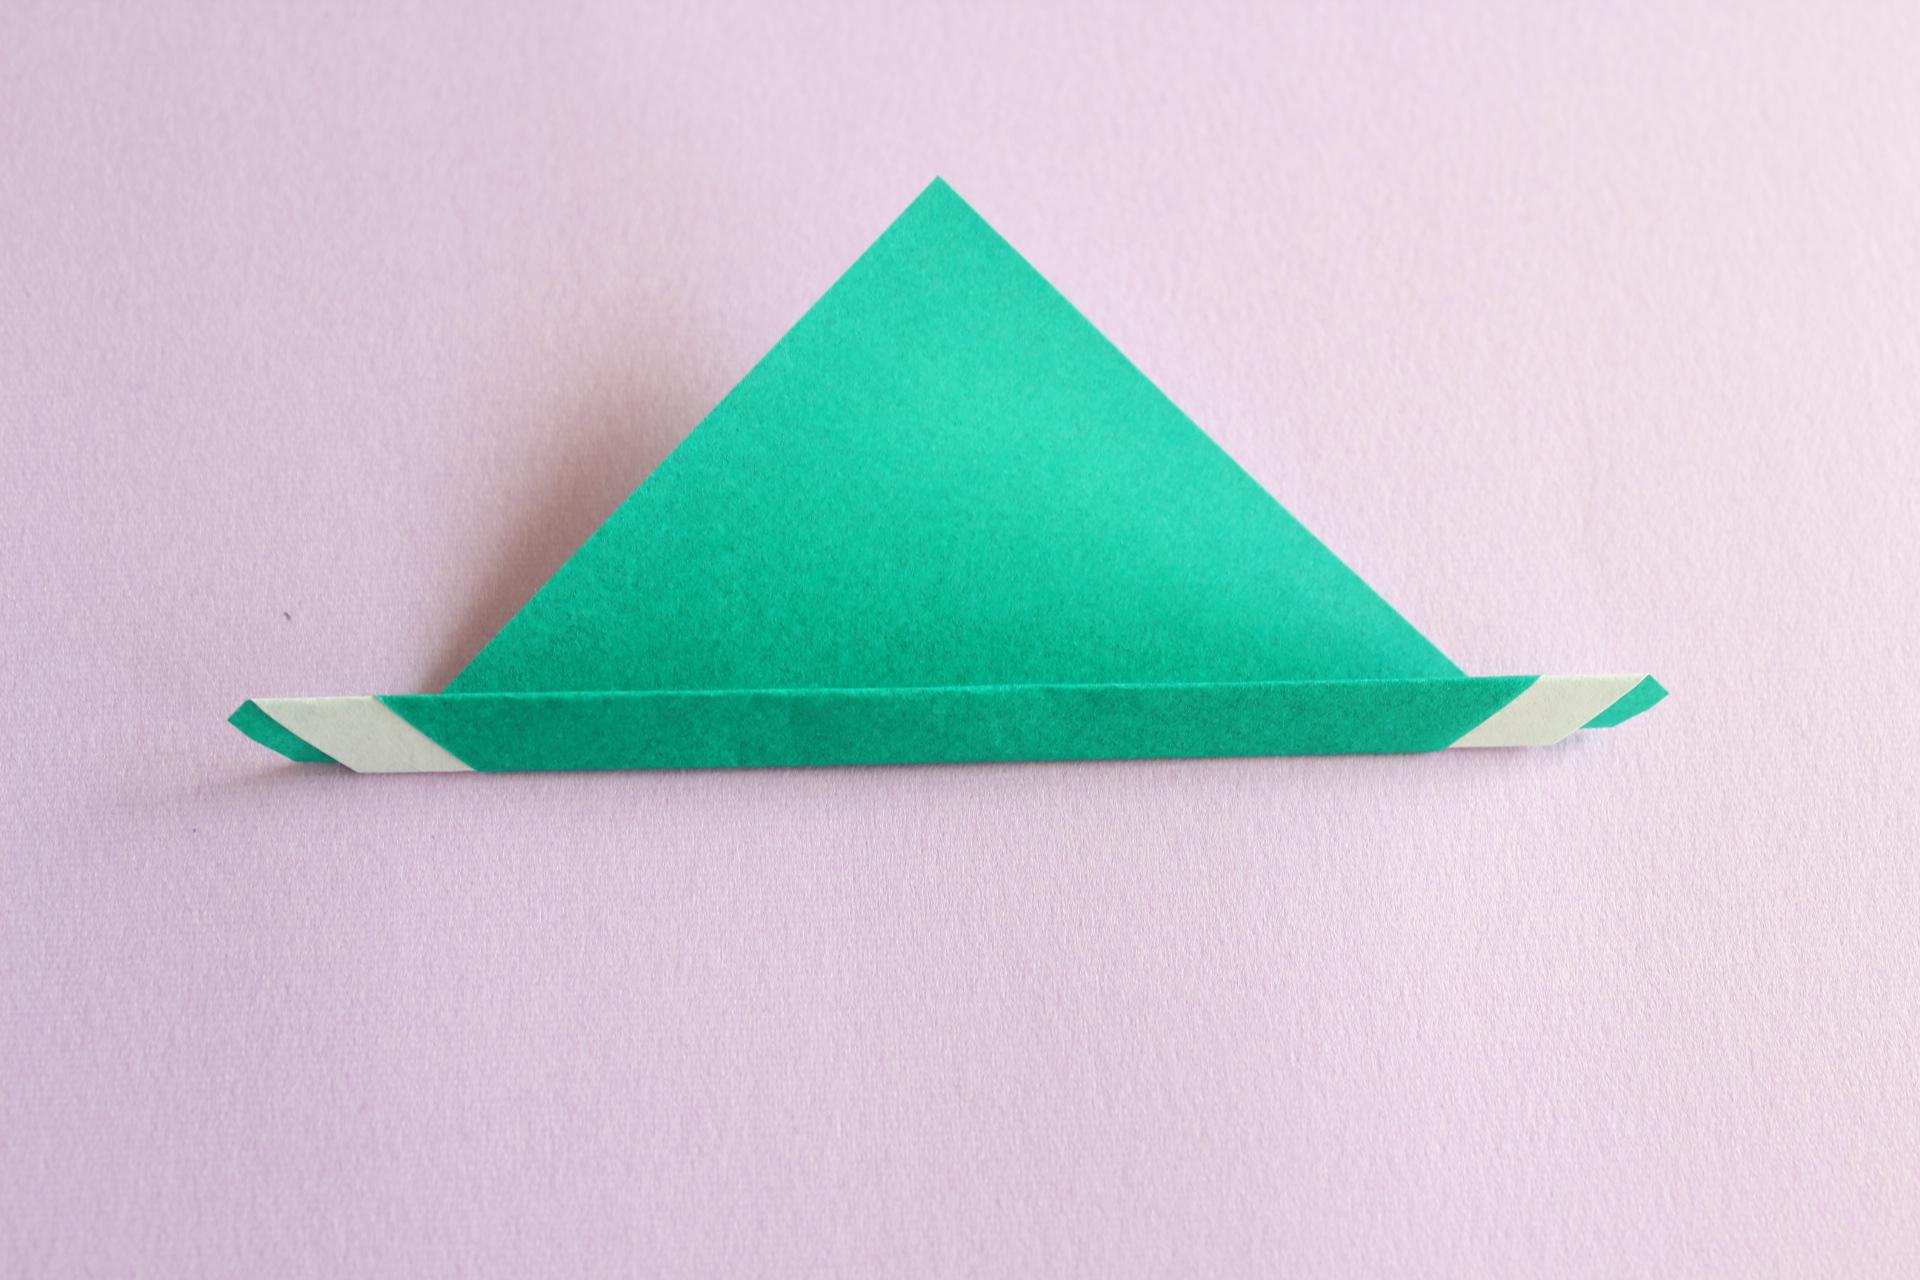 キャンディースティックの折り方2